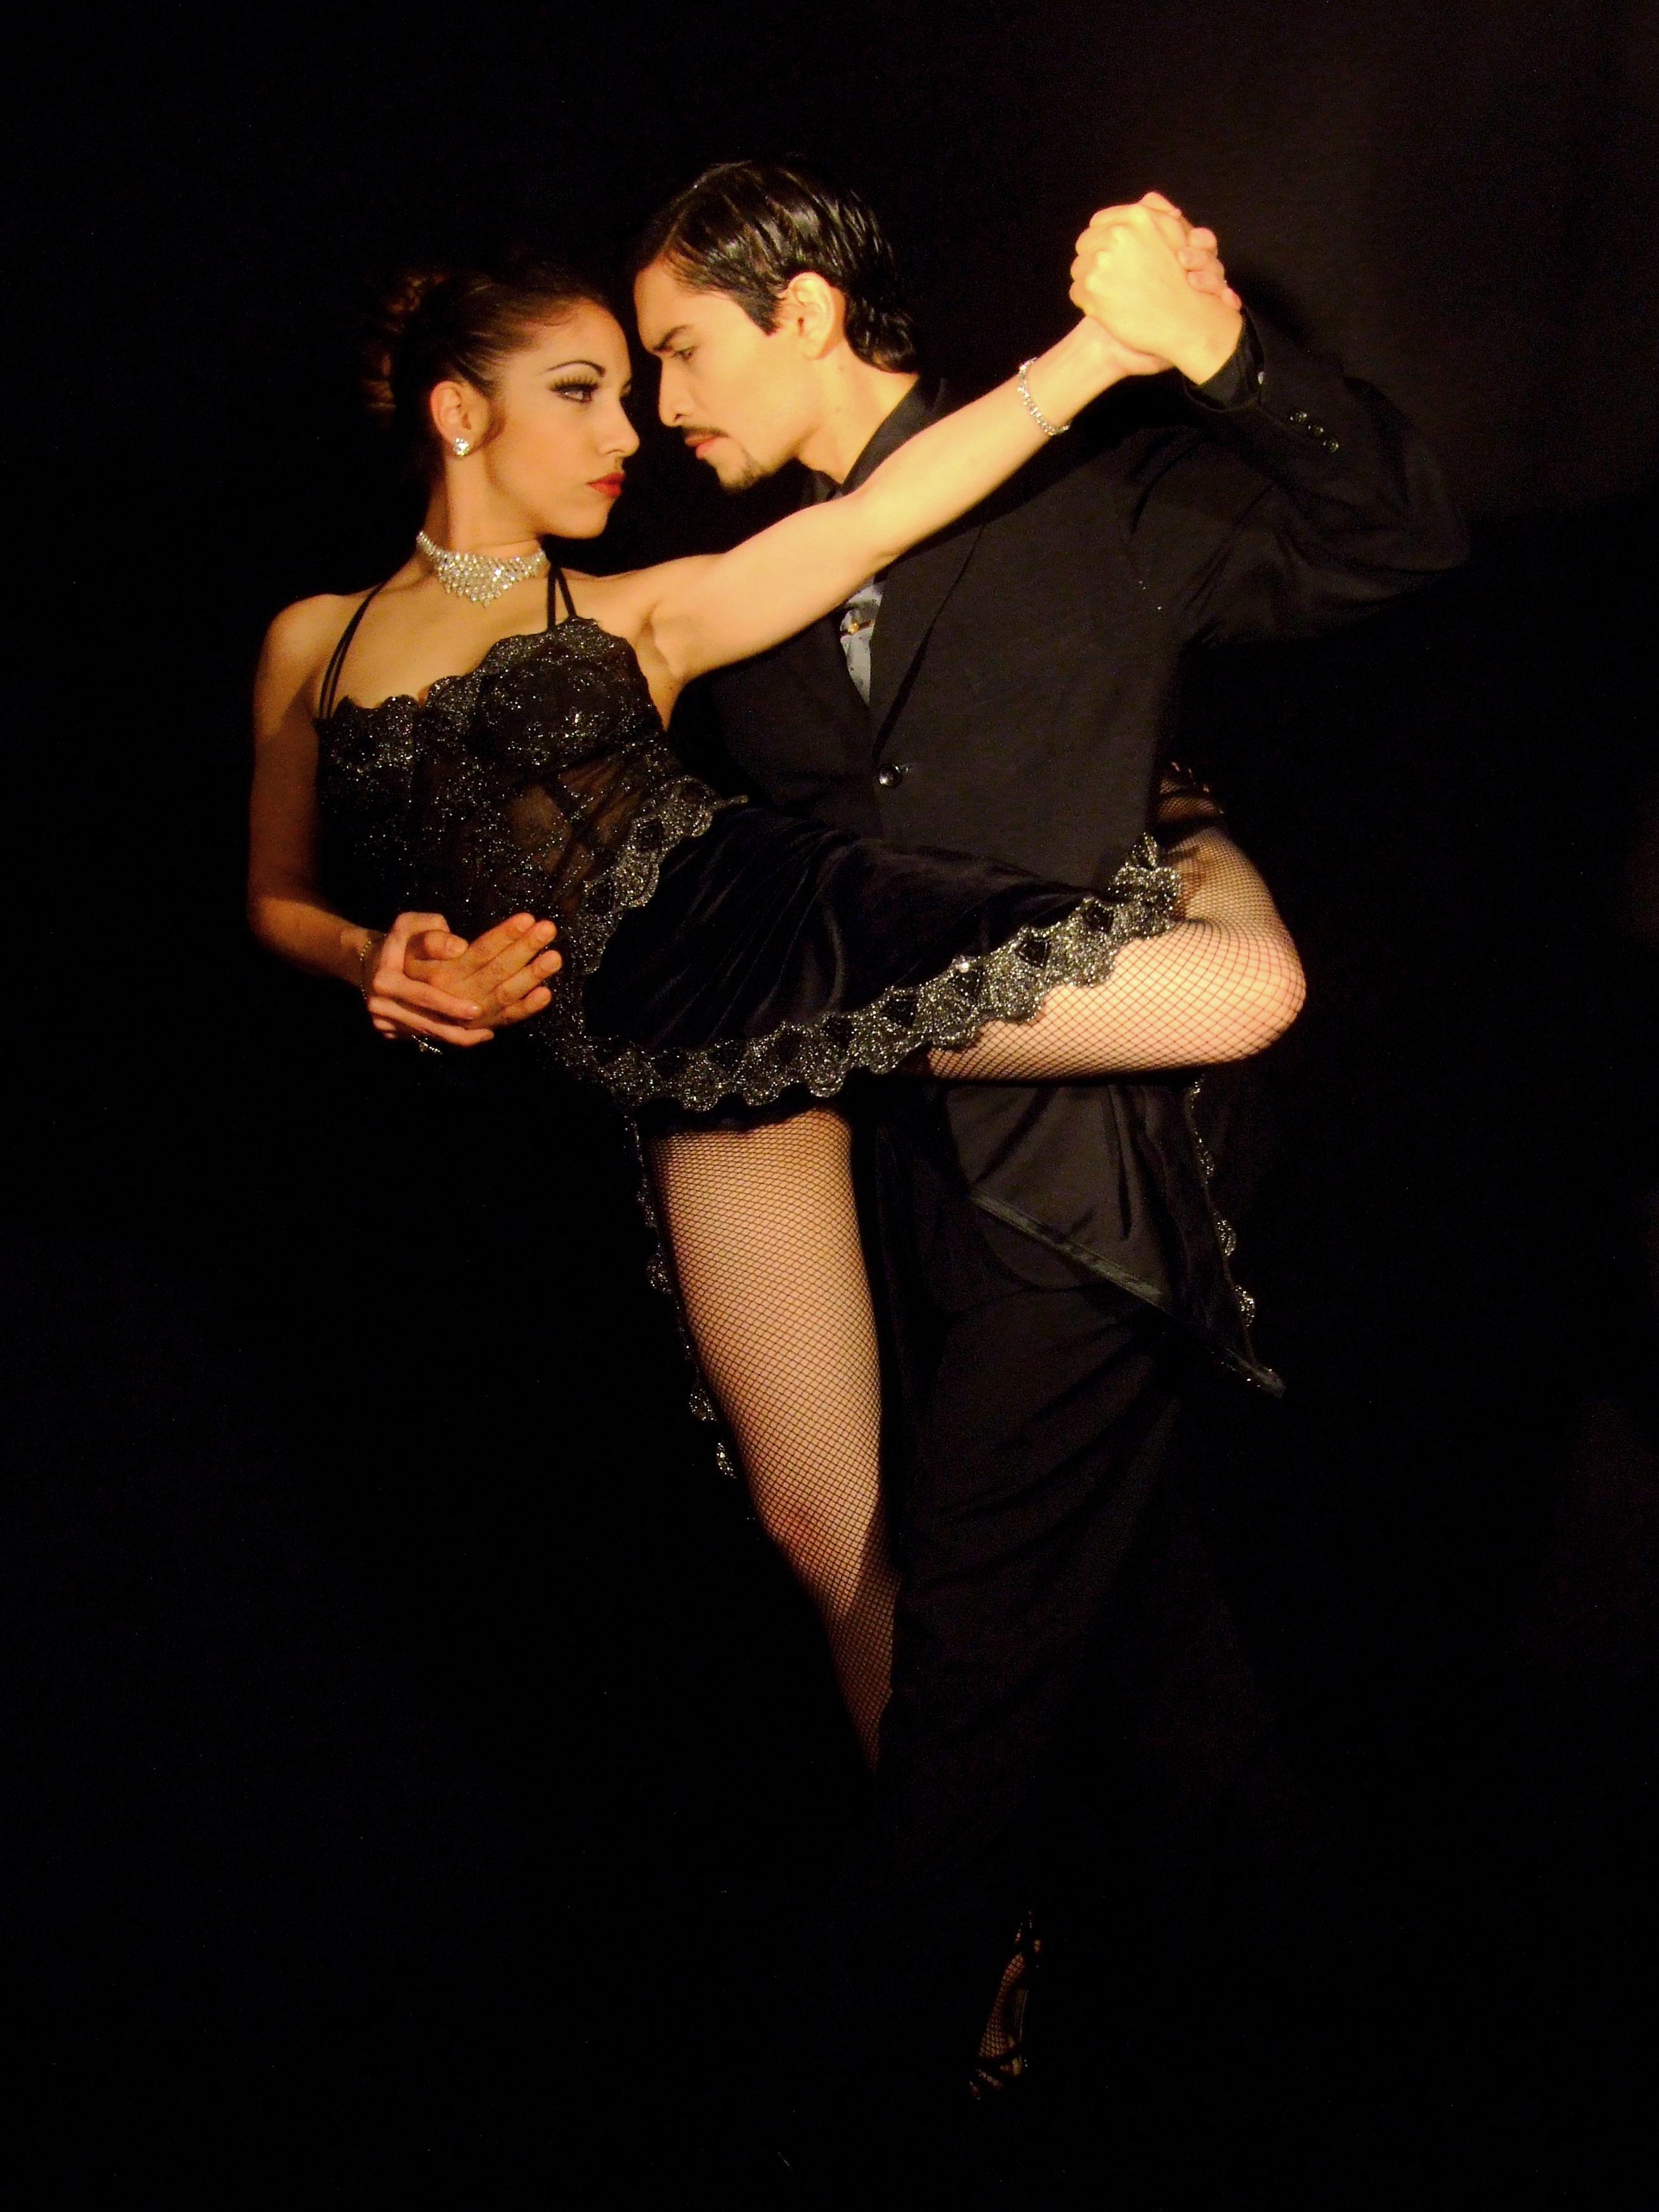 Ficheiro:Tango dance 02.jpg – Wikipédia, a enciclopédia livre